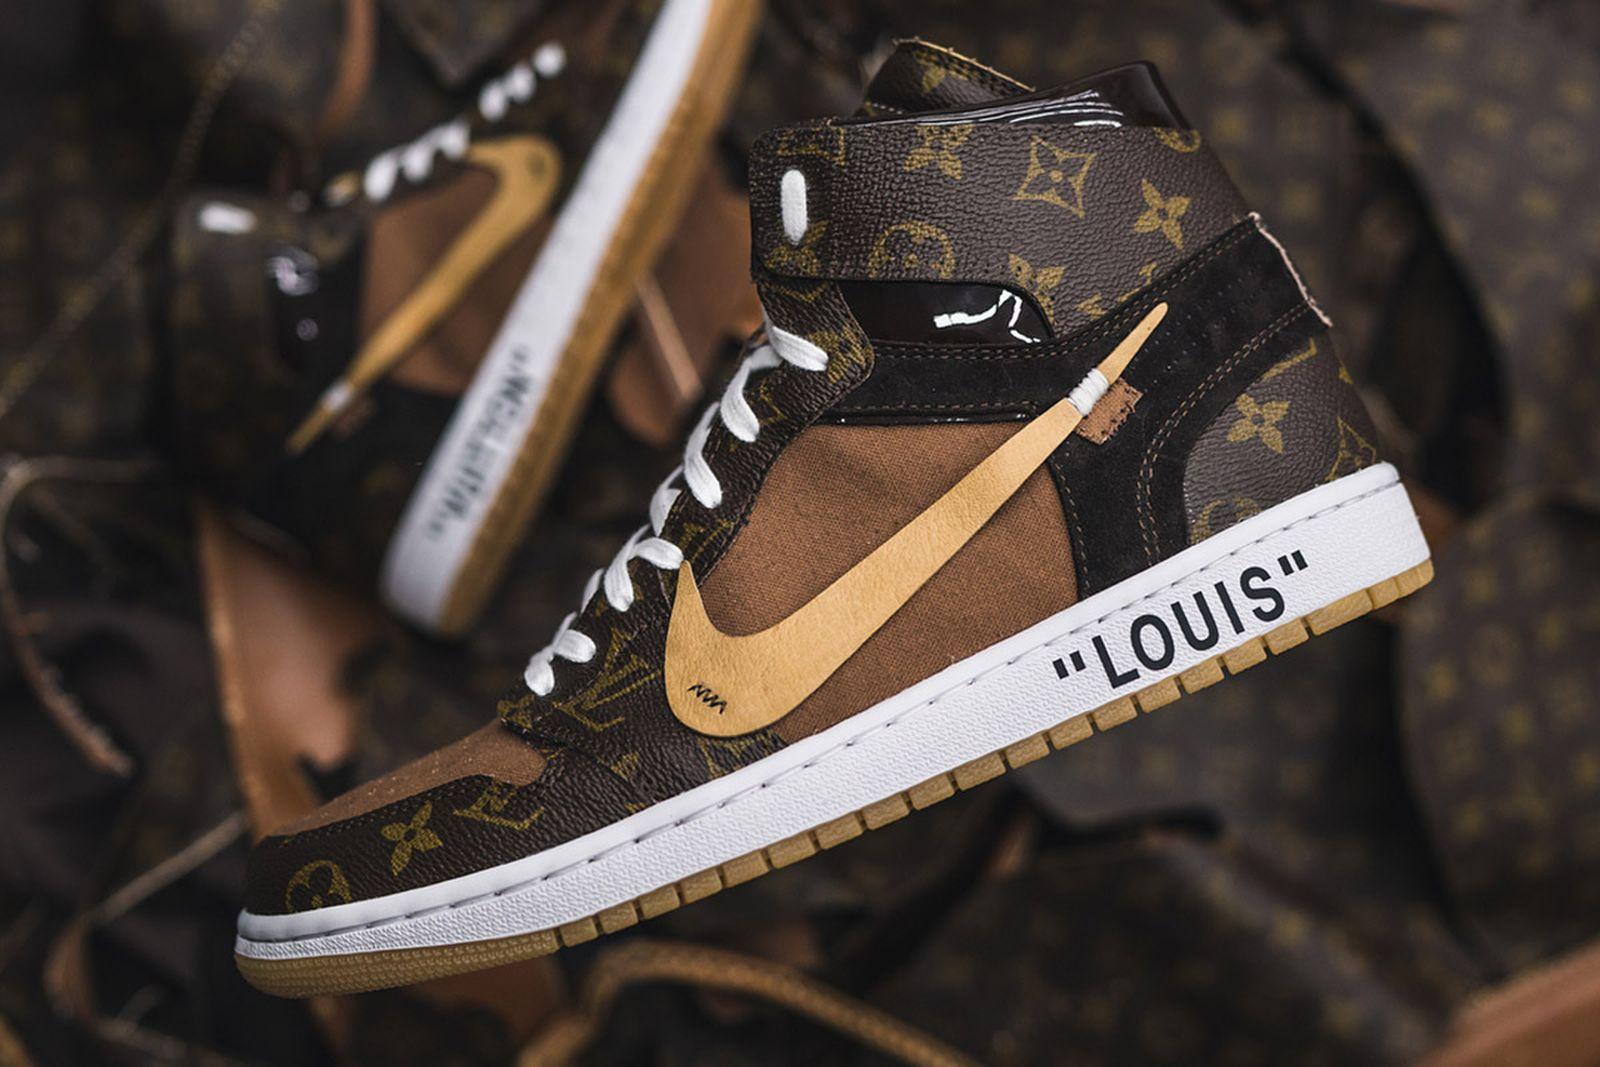 Jabeth Wilson Cerdo protestante  These Louis Vuitton OFF–WHITE x Nike Air Jordan 1s Are Next Level